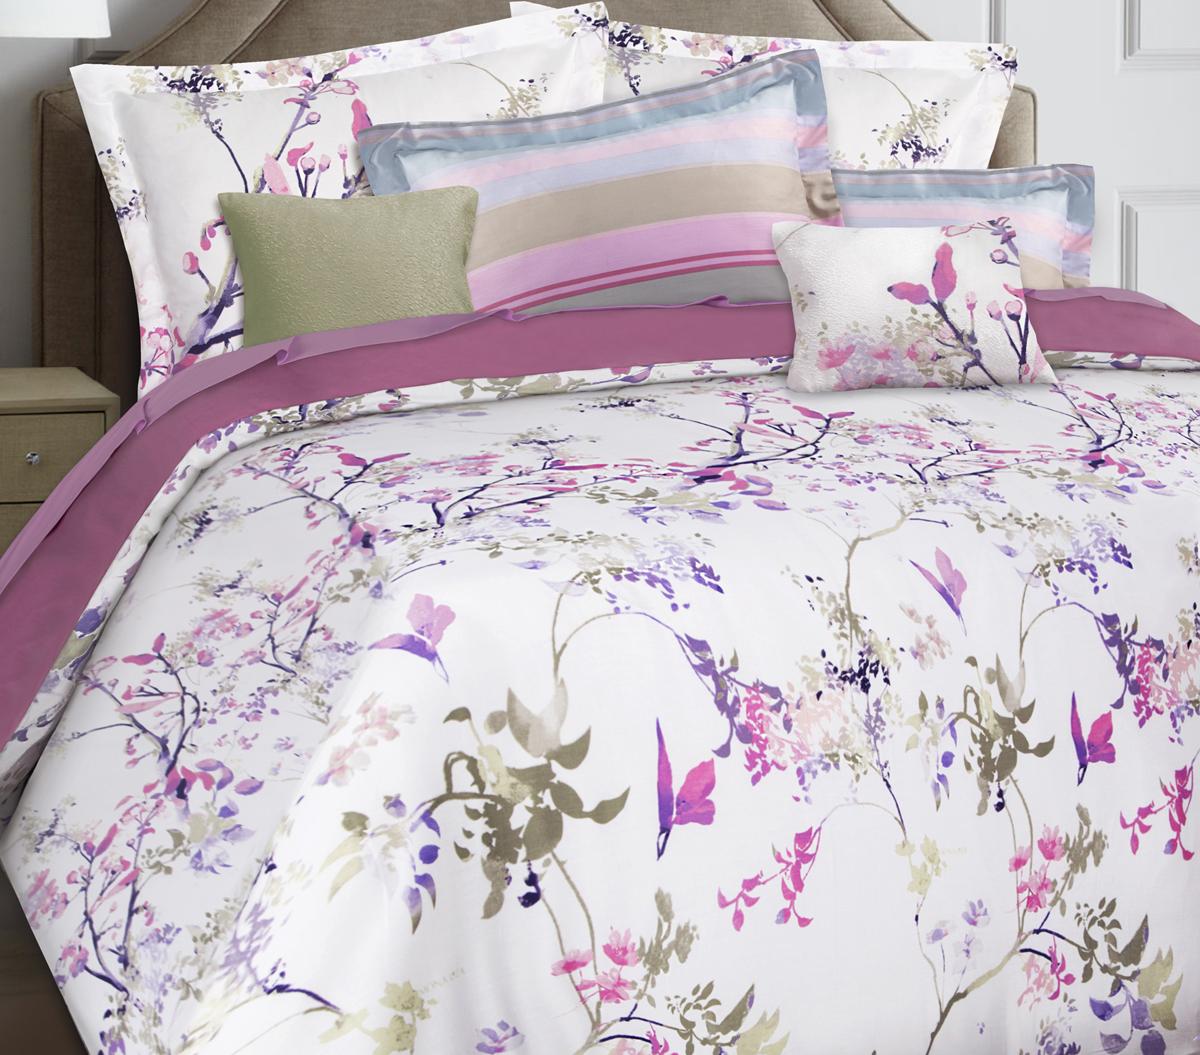 Комплект белья Mona Liza Premium Atelier 4 Seasons, семейный, наволочки 50х70, 70х70. 5045-002 комплект белья mona liza premium atelier ikat 1 5 спальный наволочки 70x70 5047 005